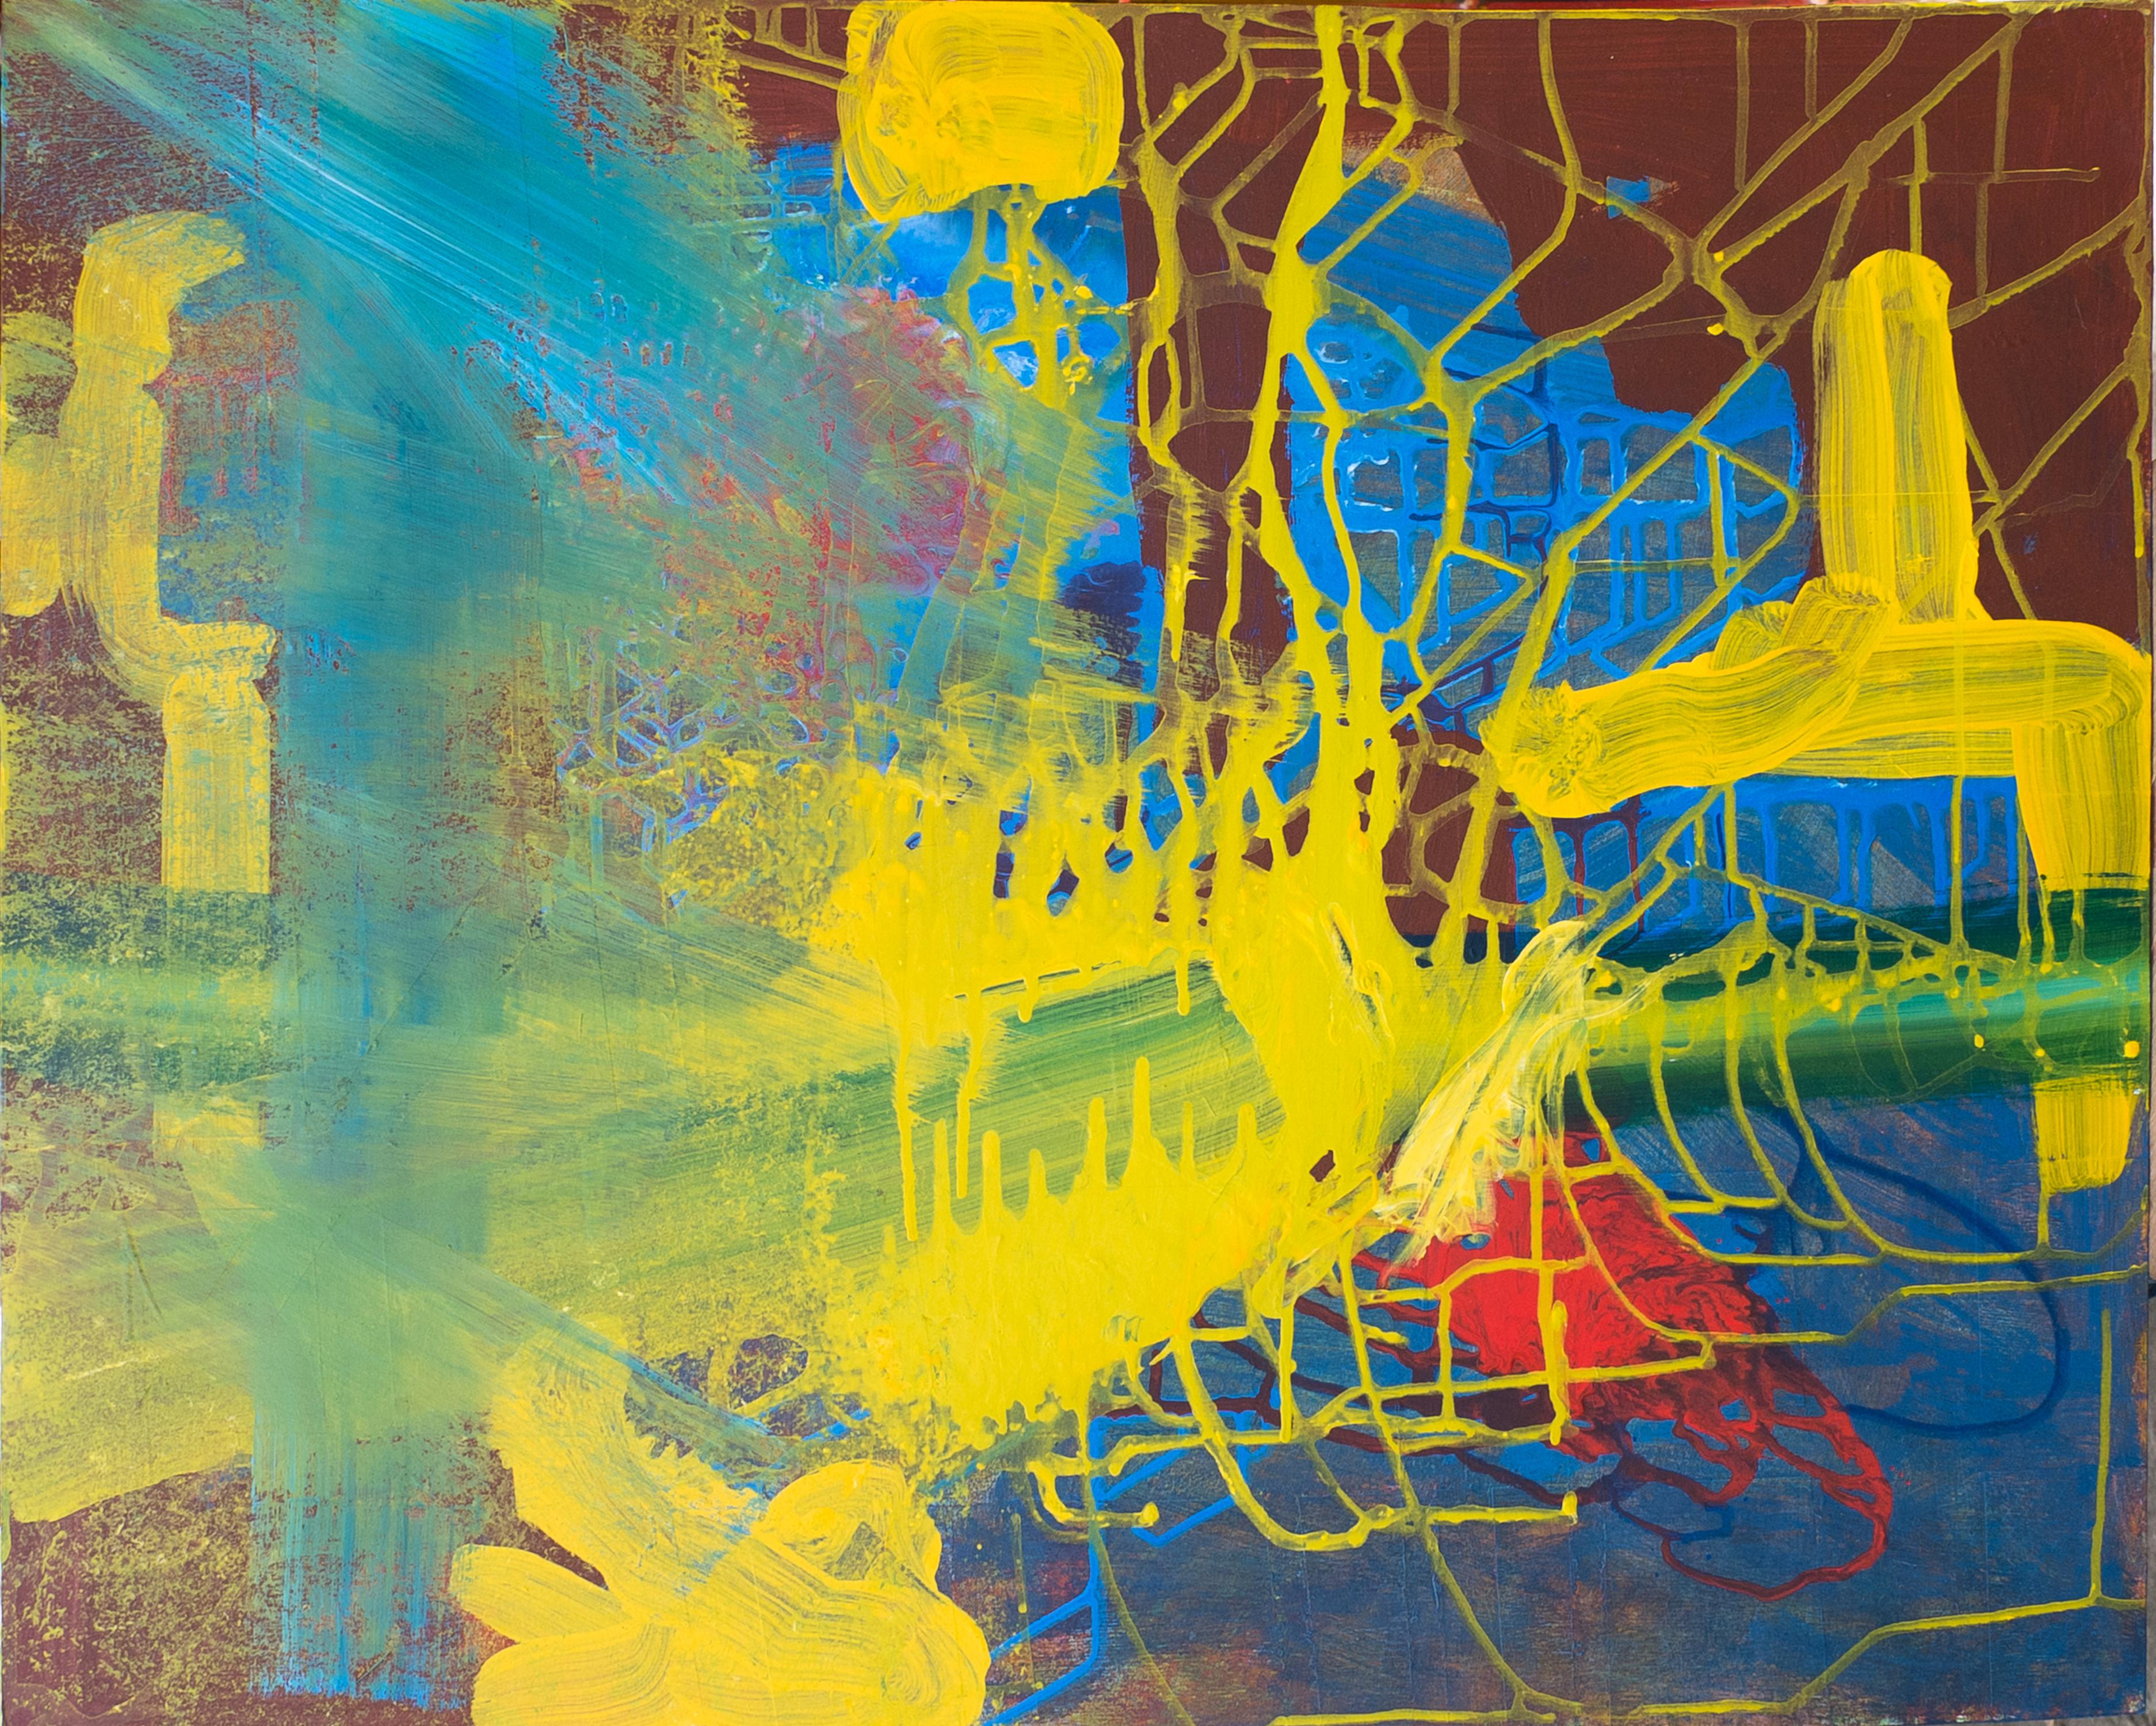 Escenificar un ambiente propuesto (aceleración) (Versión 1: Fotografía). Fotografía de una pintura hecha con vinilo y acrílico sobre MDF. Fotografía por Deisy Wilchez. 2015